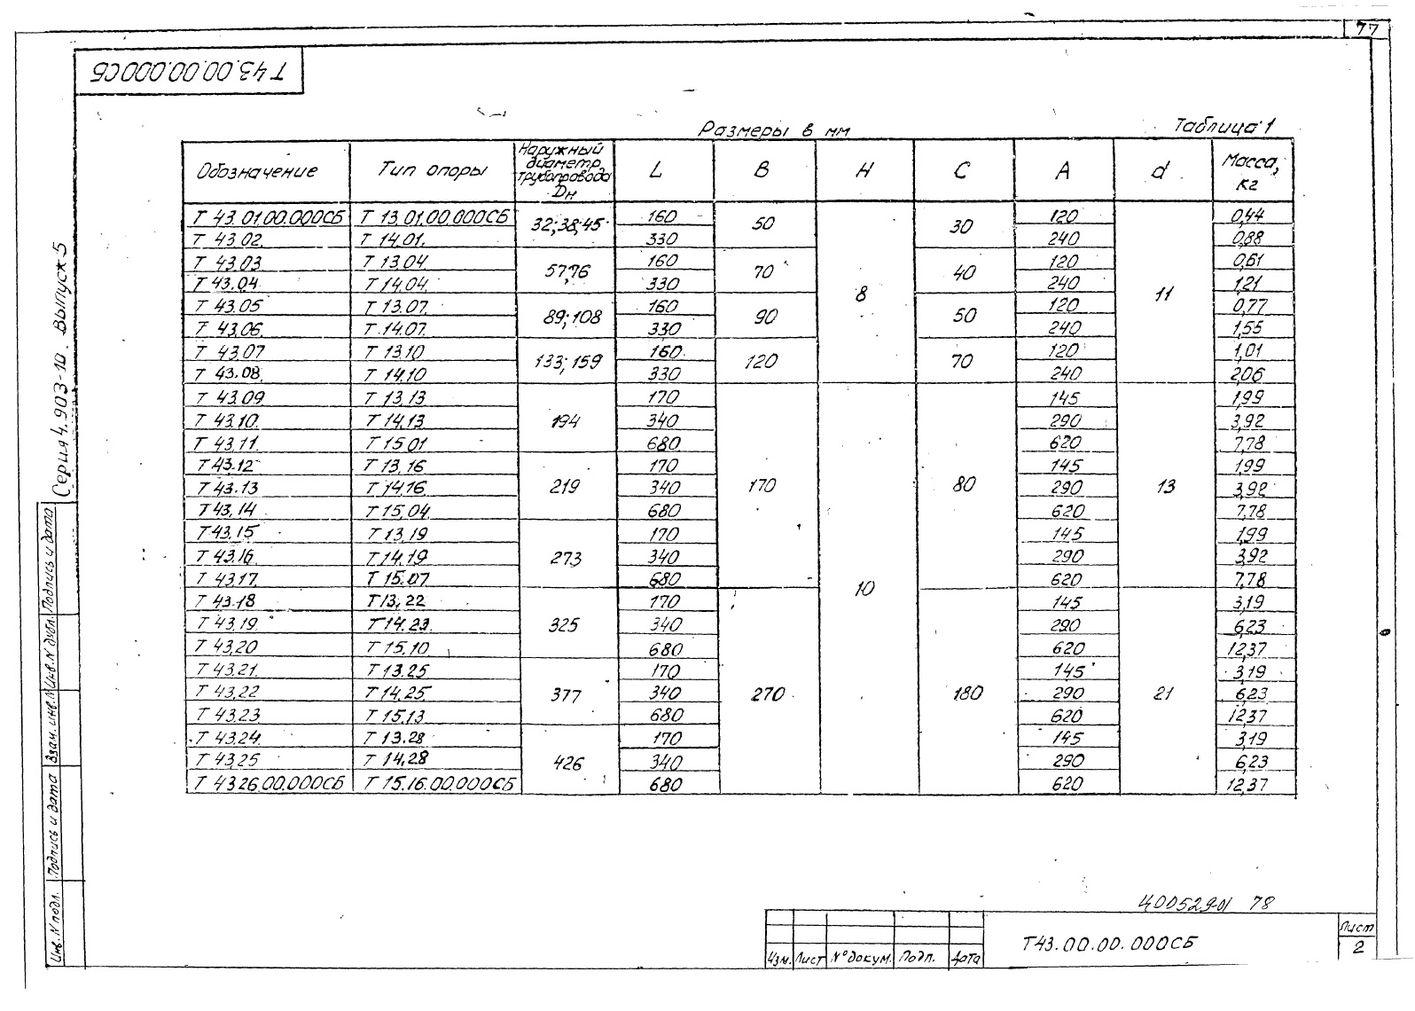 Плиты опорные с диэлектрической прокладкой Т43 серия 4.903-10 вып.5 стр.2